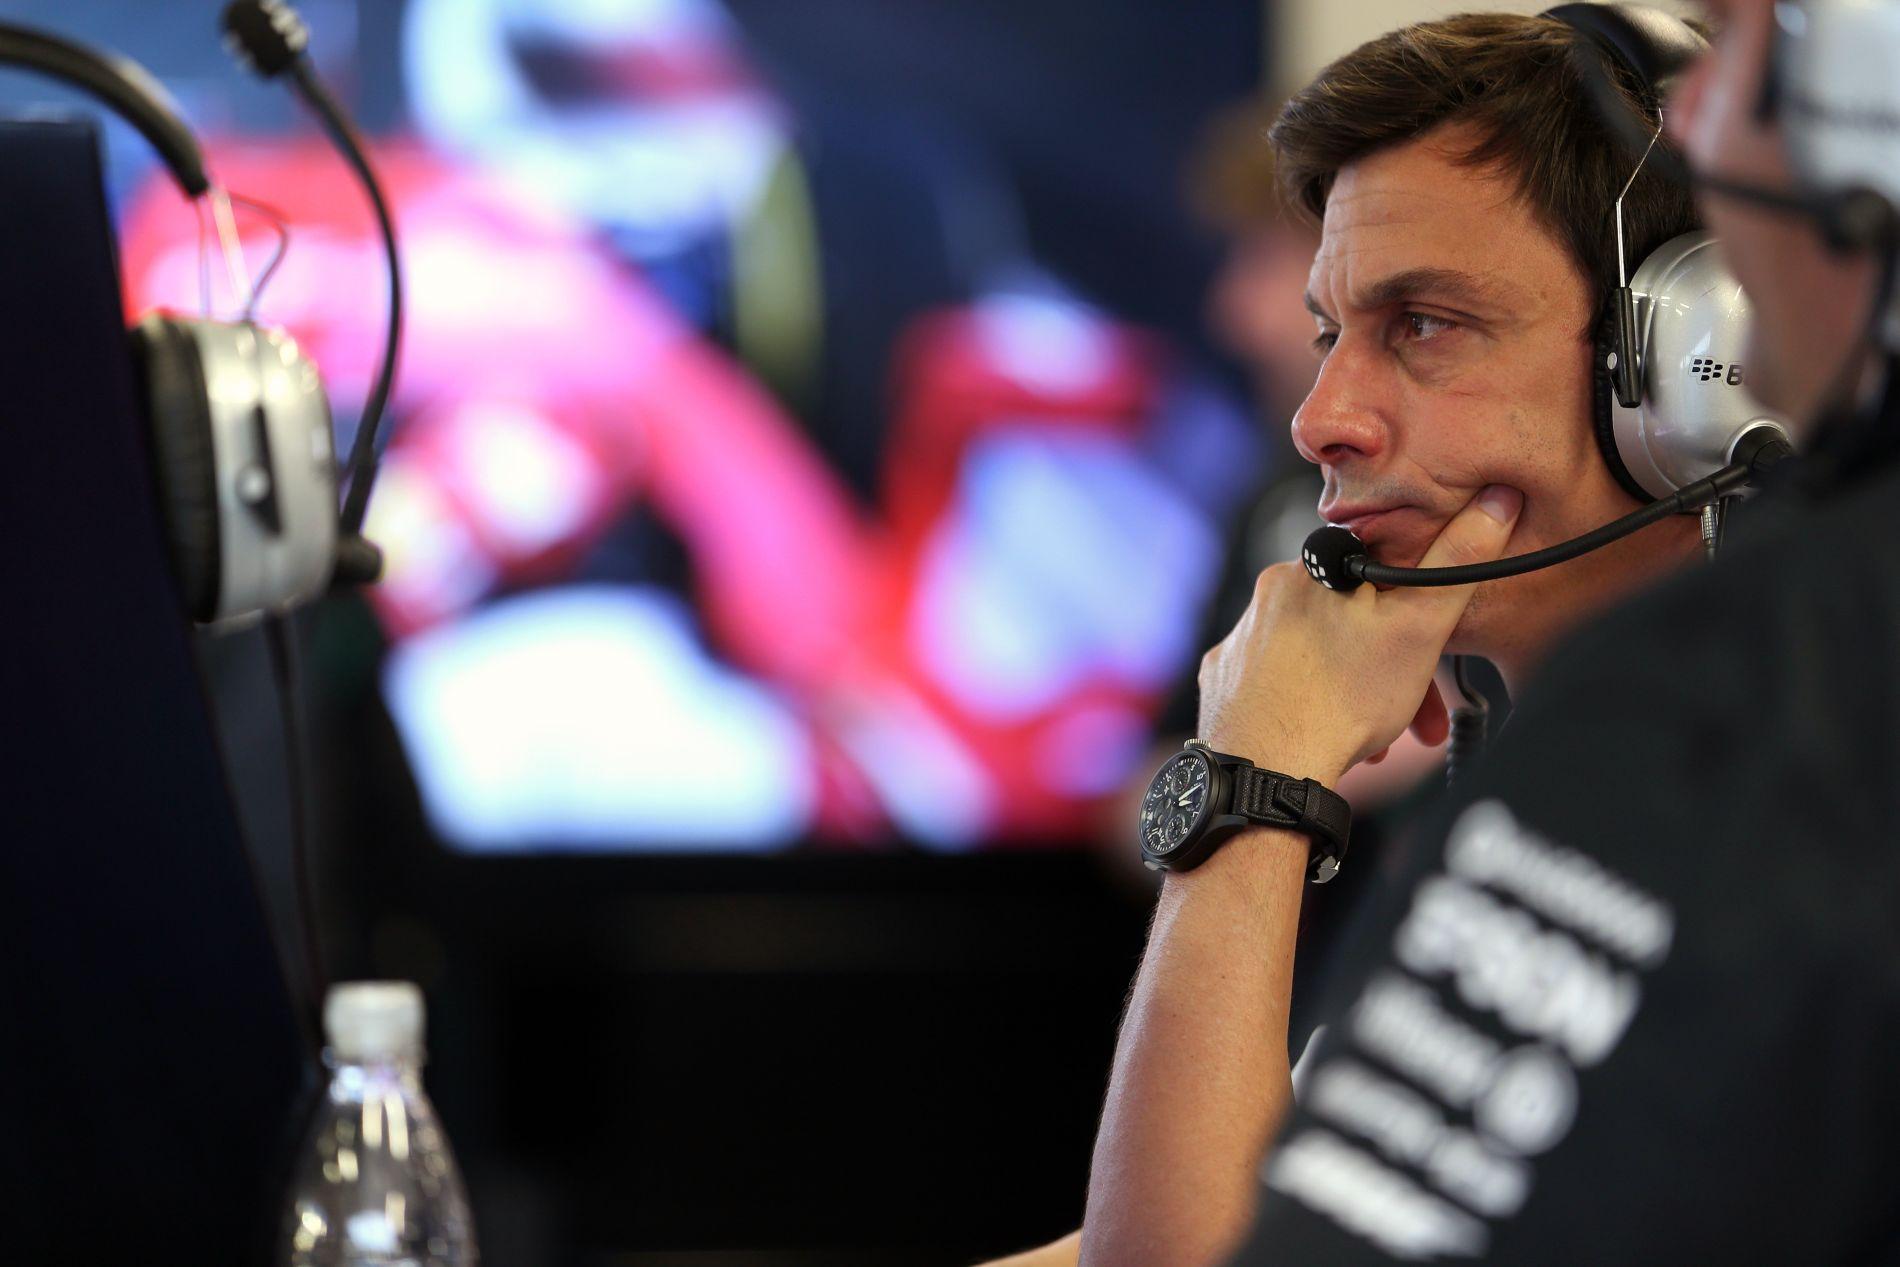 Csak óvatosan az összeesküvésekkel, a Mercedes sportvezetője is gondolt már ilyesmire